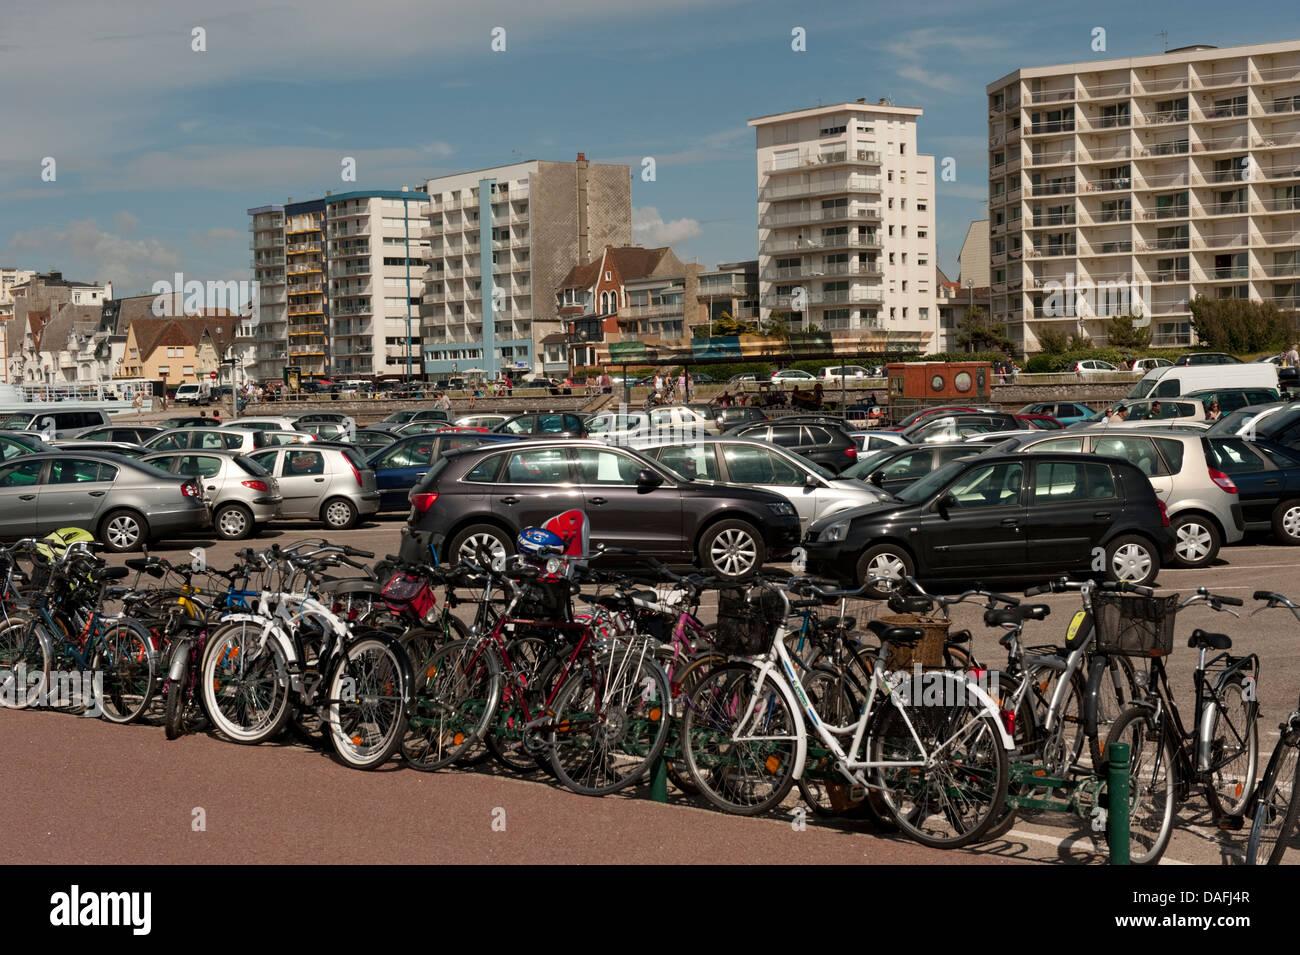 busy beach car park lot Le Touquet France - Stock Image